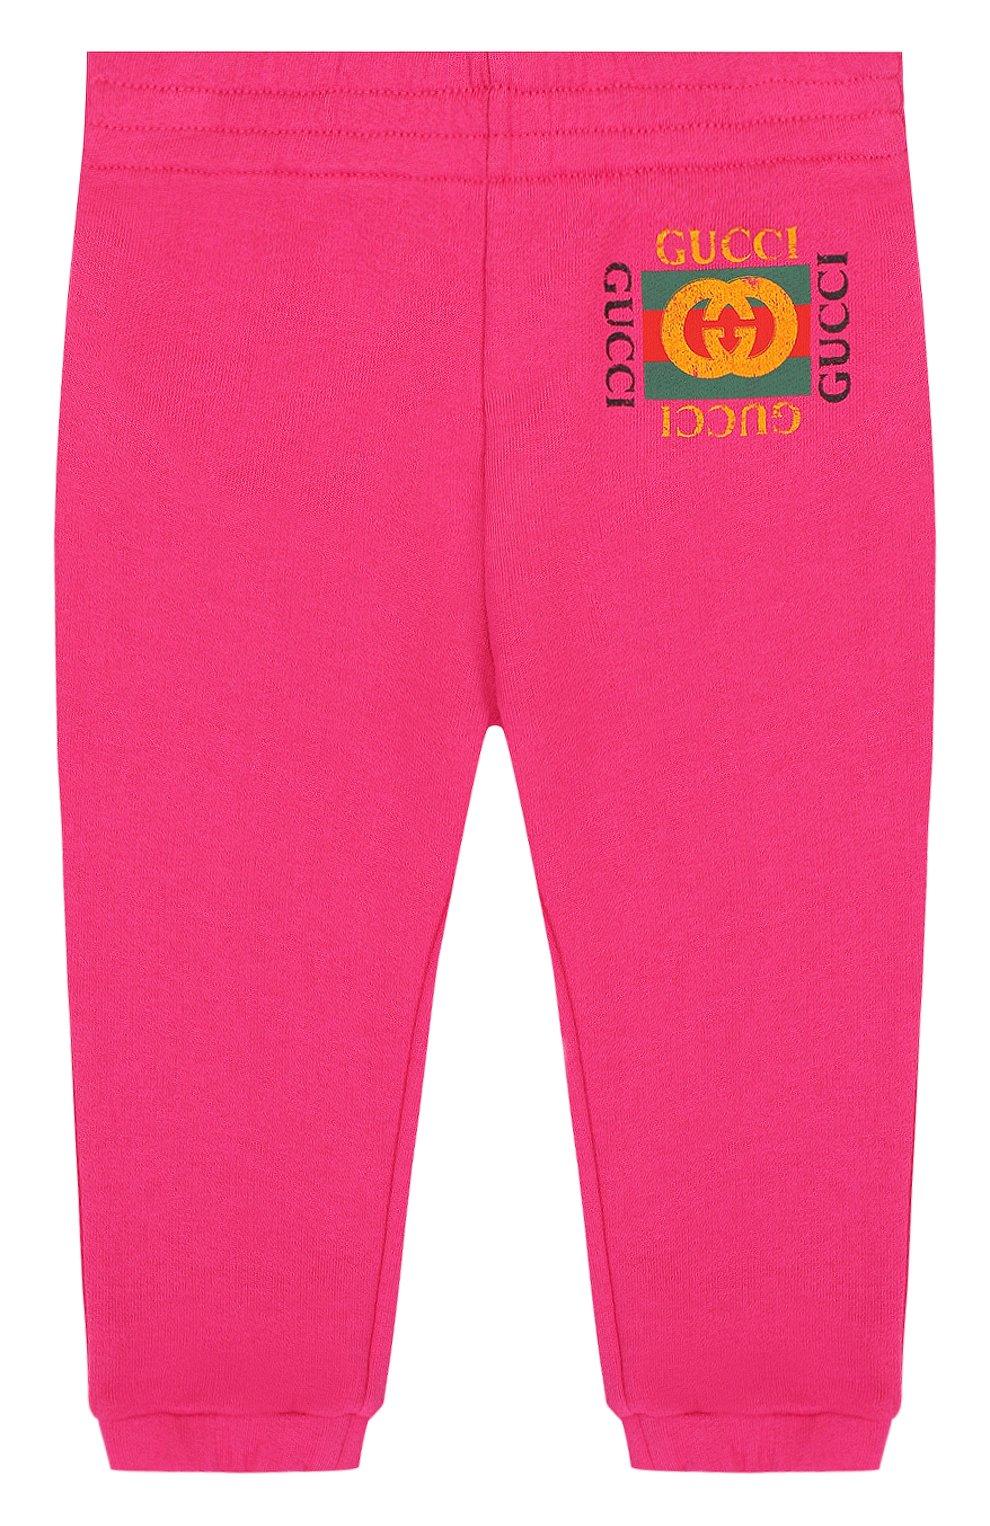 Детские хлопковые джоггеры с логотипом бренда GUCCI фуксия цвета, арт. 503867/X3L00 | Фото 1